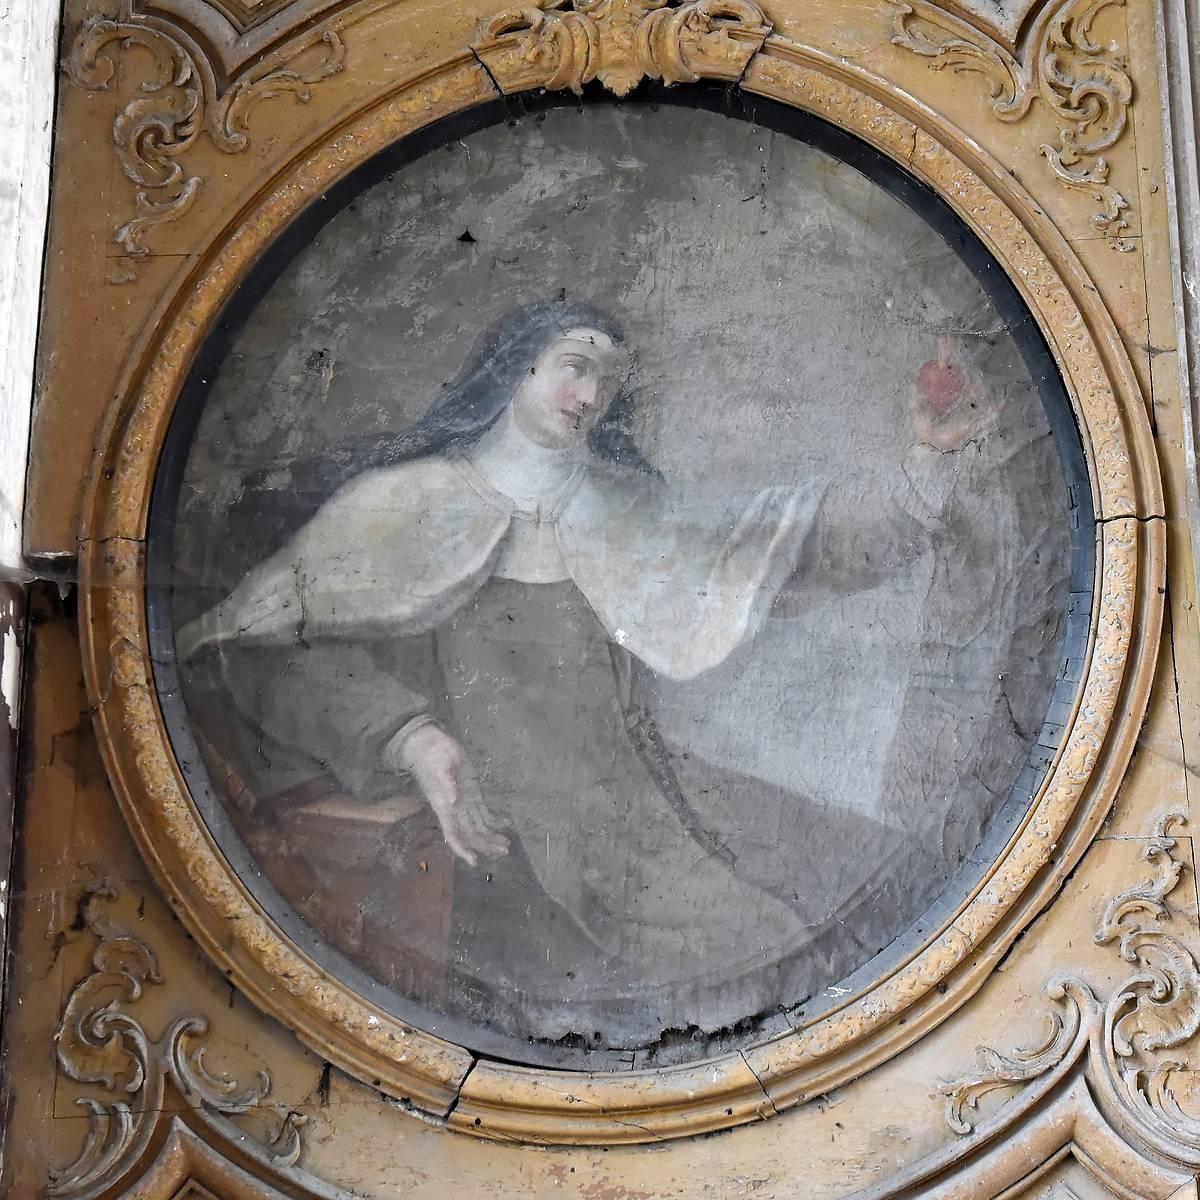 OBJETS D'ART DE L'EGLISE SAINT PIERRE DE JAUX